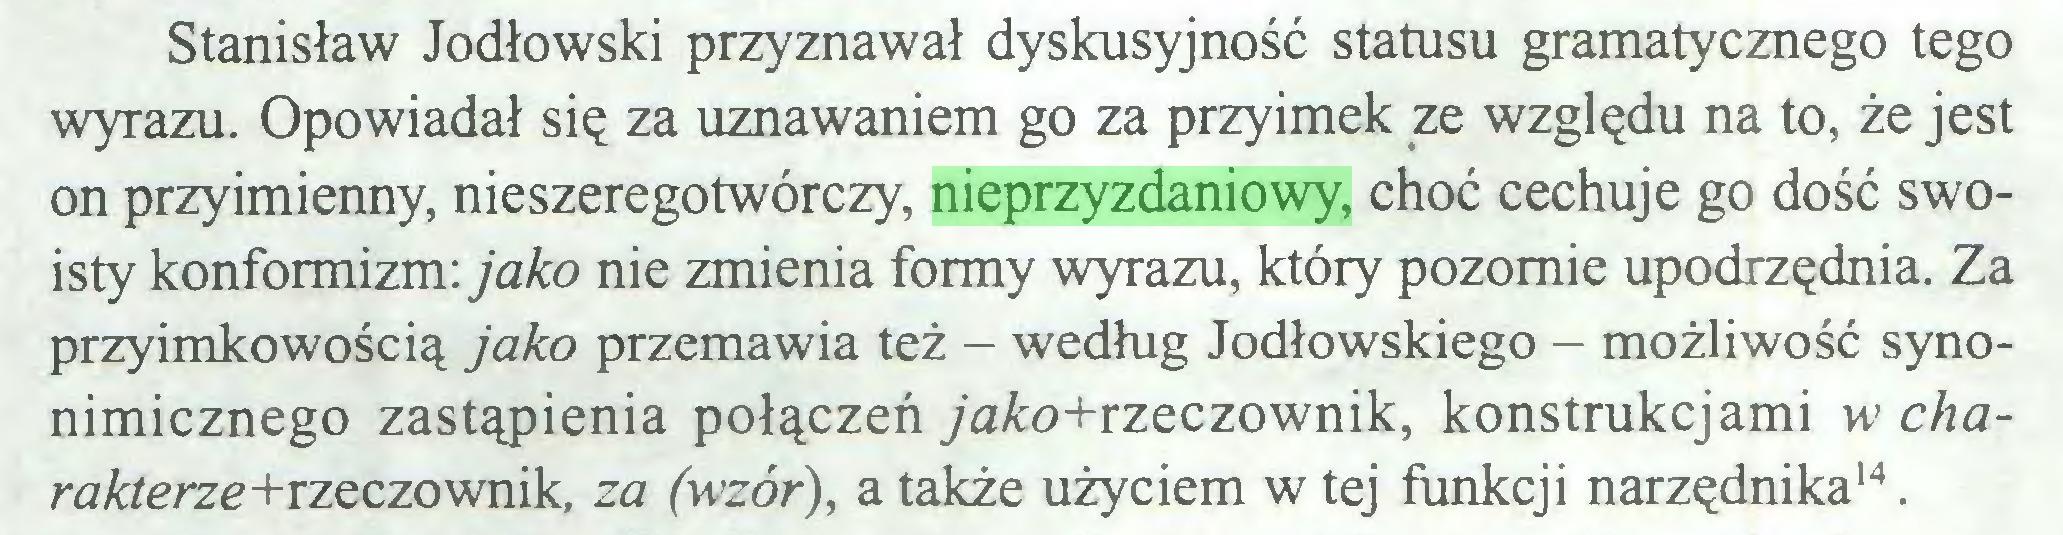 (...) Stanisław Jodłowski przyznawał dyskusyjność statusu gramatycznego tego wyrazu. Opowiadał się za uznawaniem go za przyimek ze względu na to, że jest on przyimienny, nieszeregotwórczy, nieprzyzdaniowy, choć cechuje go dość swoisty konformizm: jako nie zmienia formy wyrazu, który pozornie upodrzędnia. Za przyimkowością jako przemawia też - według Jodłowskiego - możliwość synonimicznego zastąpienia połączeń ya&o+rzeczownik, konstrukcjami w chara&terze+rzeczownik, za (wzór), a także użyciem w tej funkcji narzędnika14...